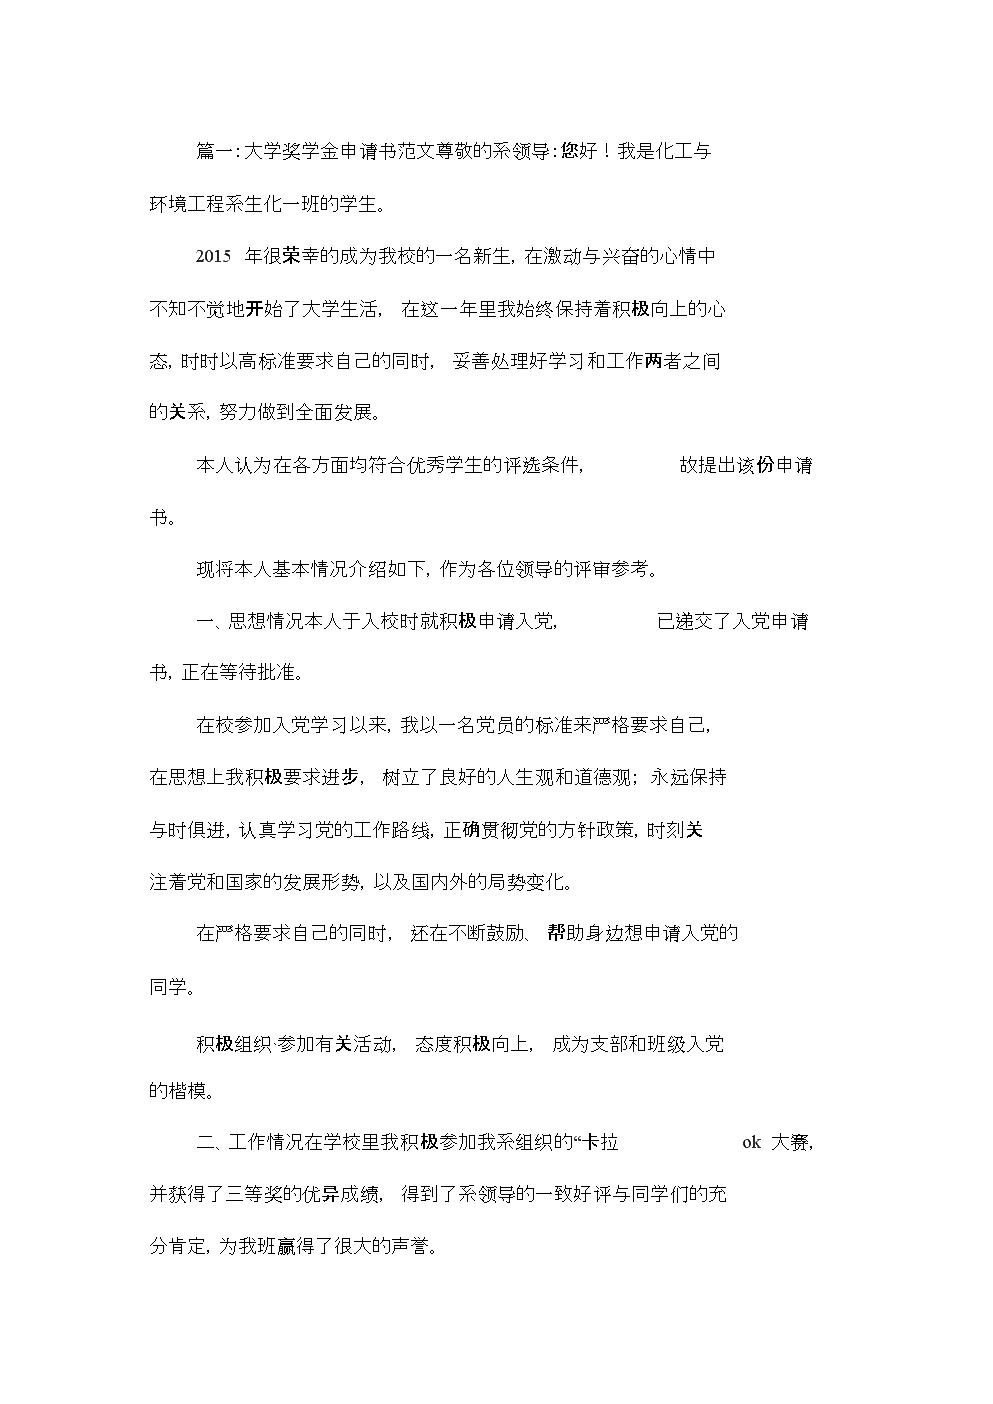 奖学金申请书600字文档.docx